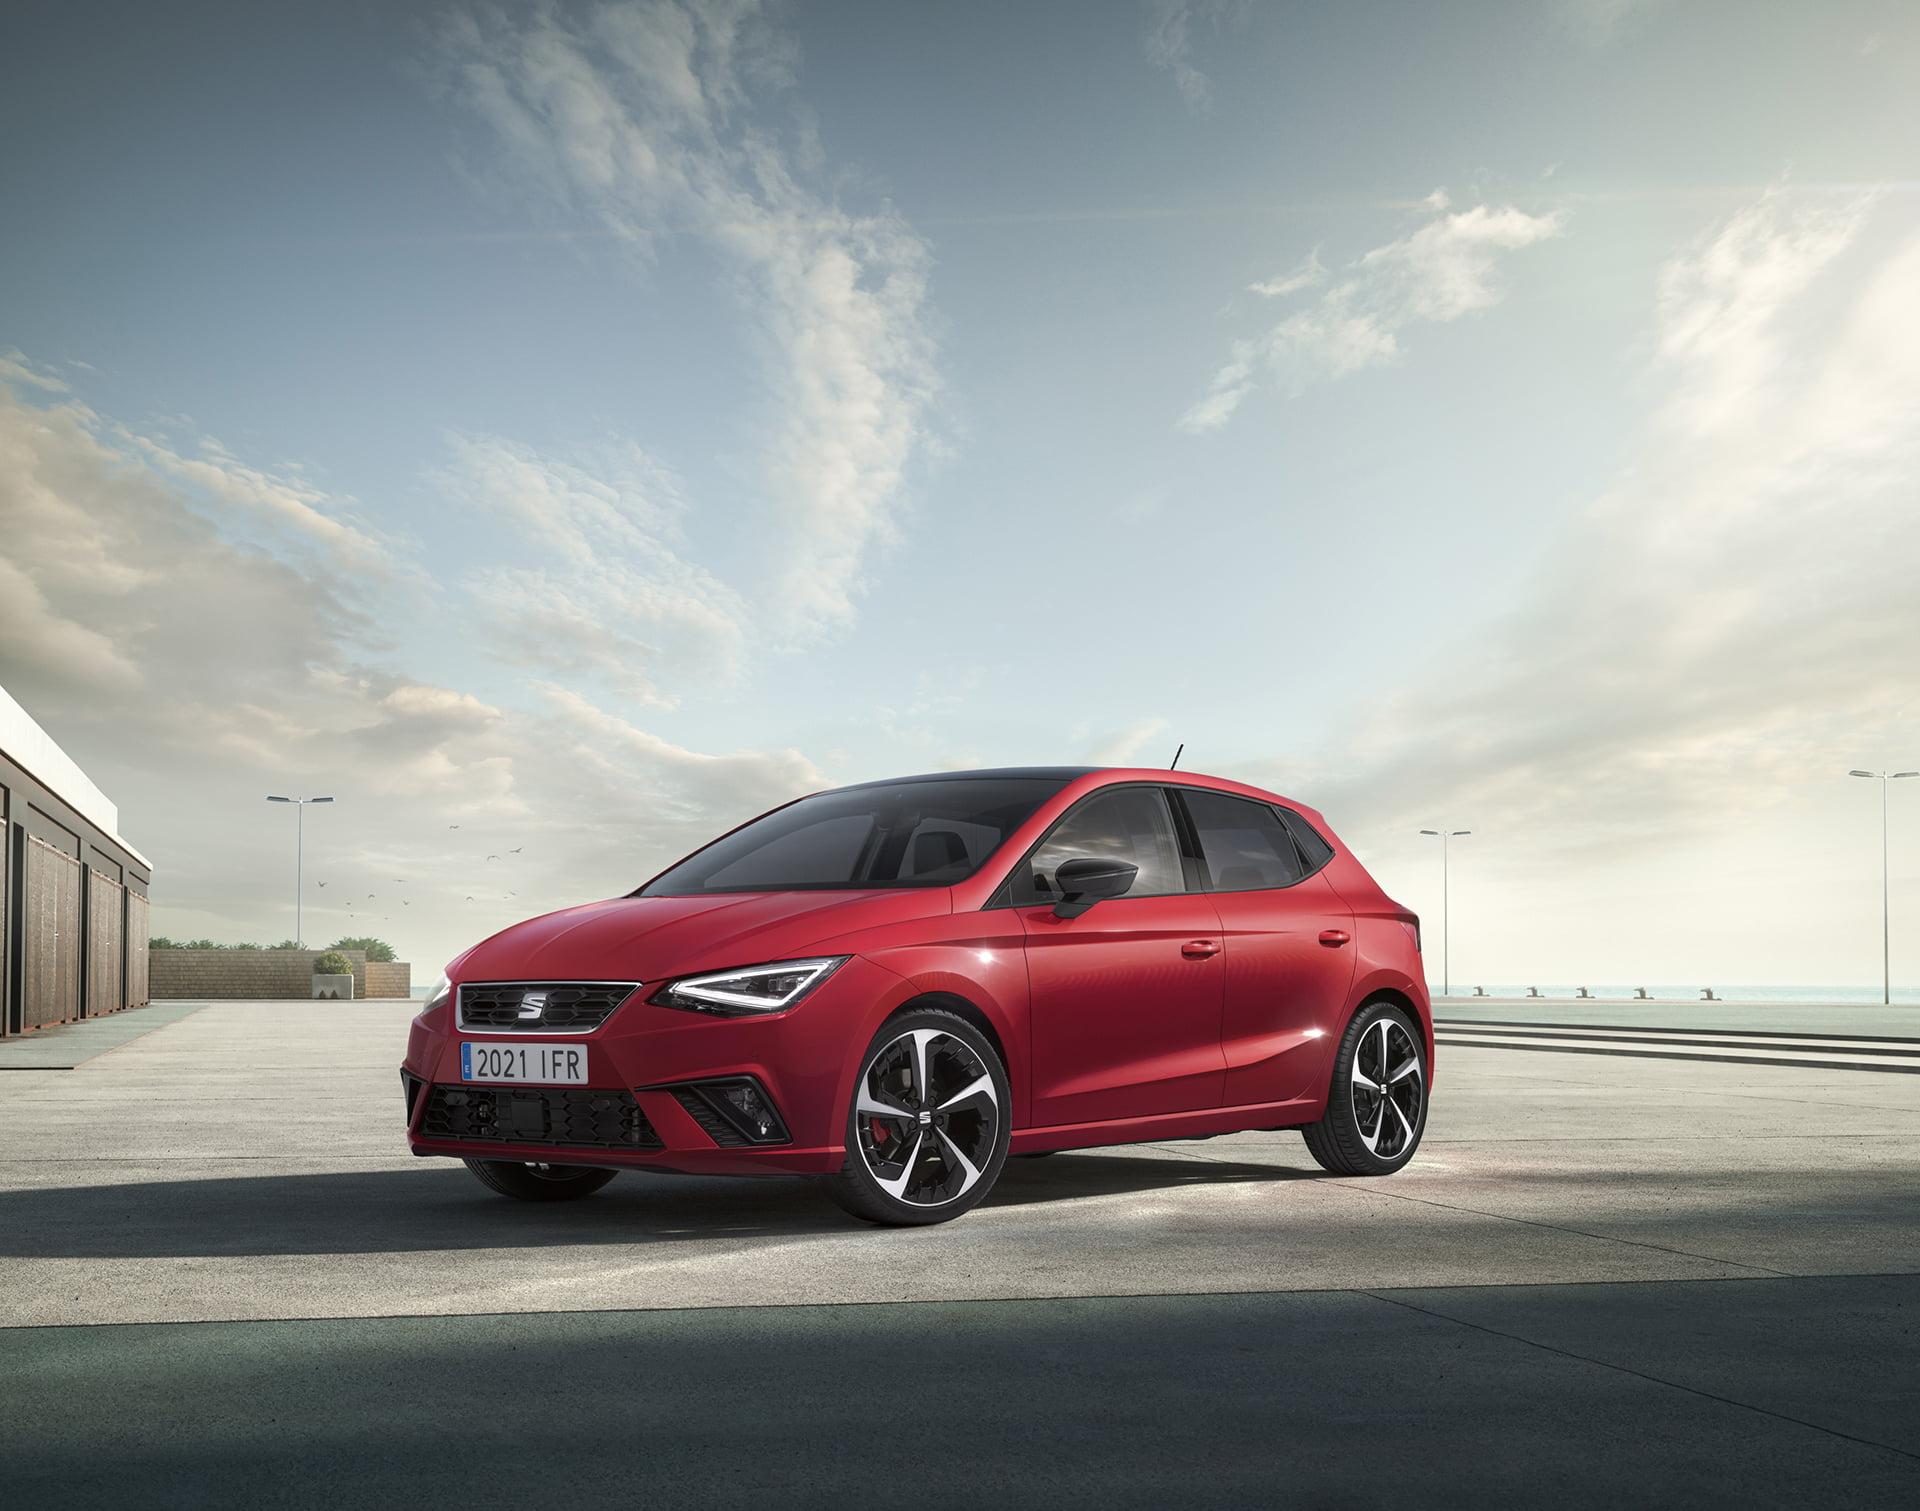 El nuevo SEAT Ibiza 2021 sorprende a primera vista